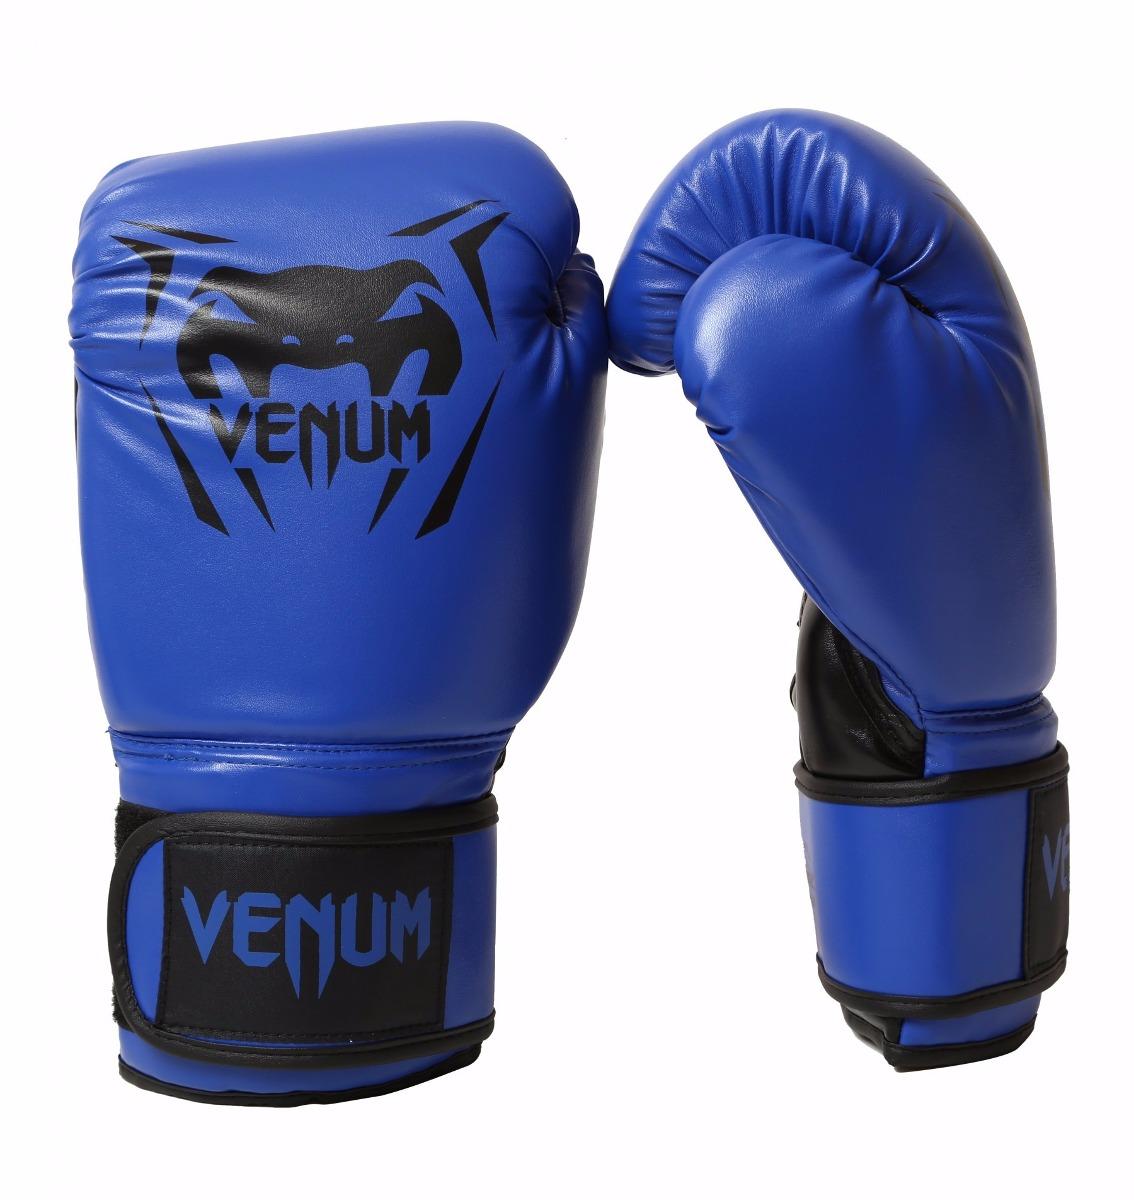 18d094a2af luva boxe  muay thai new contender venum azul 12oz+ bucal. Carregando zoom.